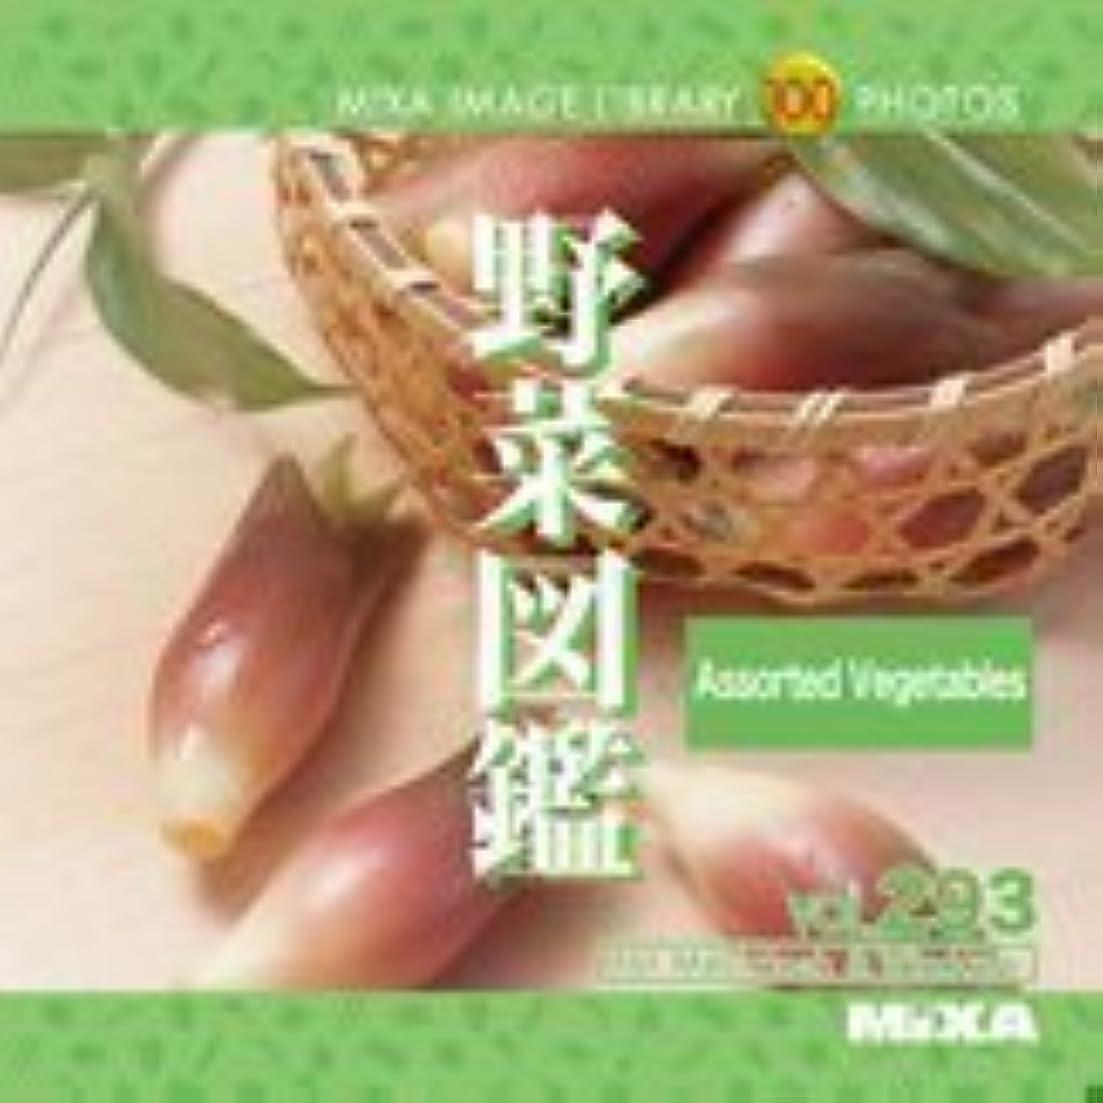 葬儀浅い立場MIXA IMAGE LIBRARY Vol.293 野菜図鑑